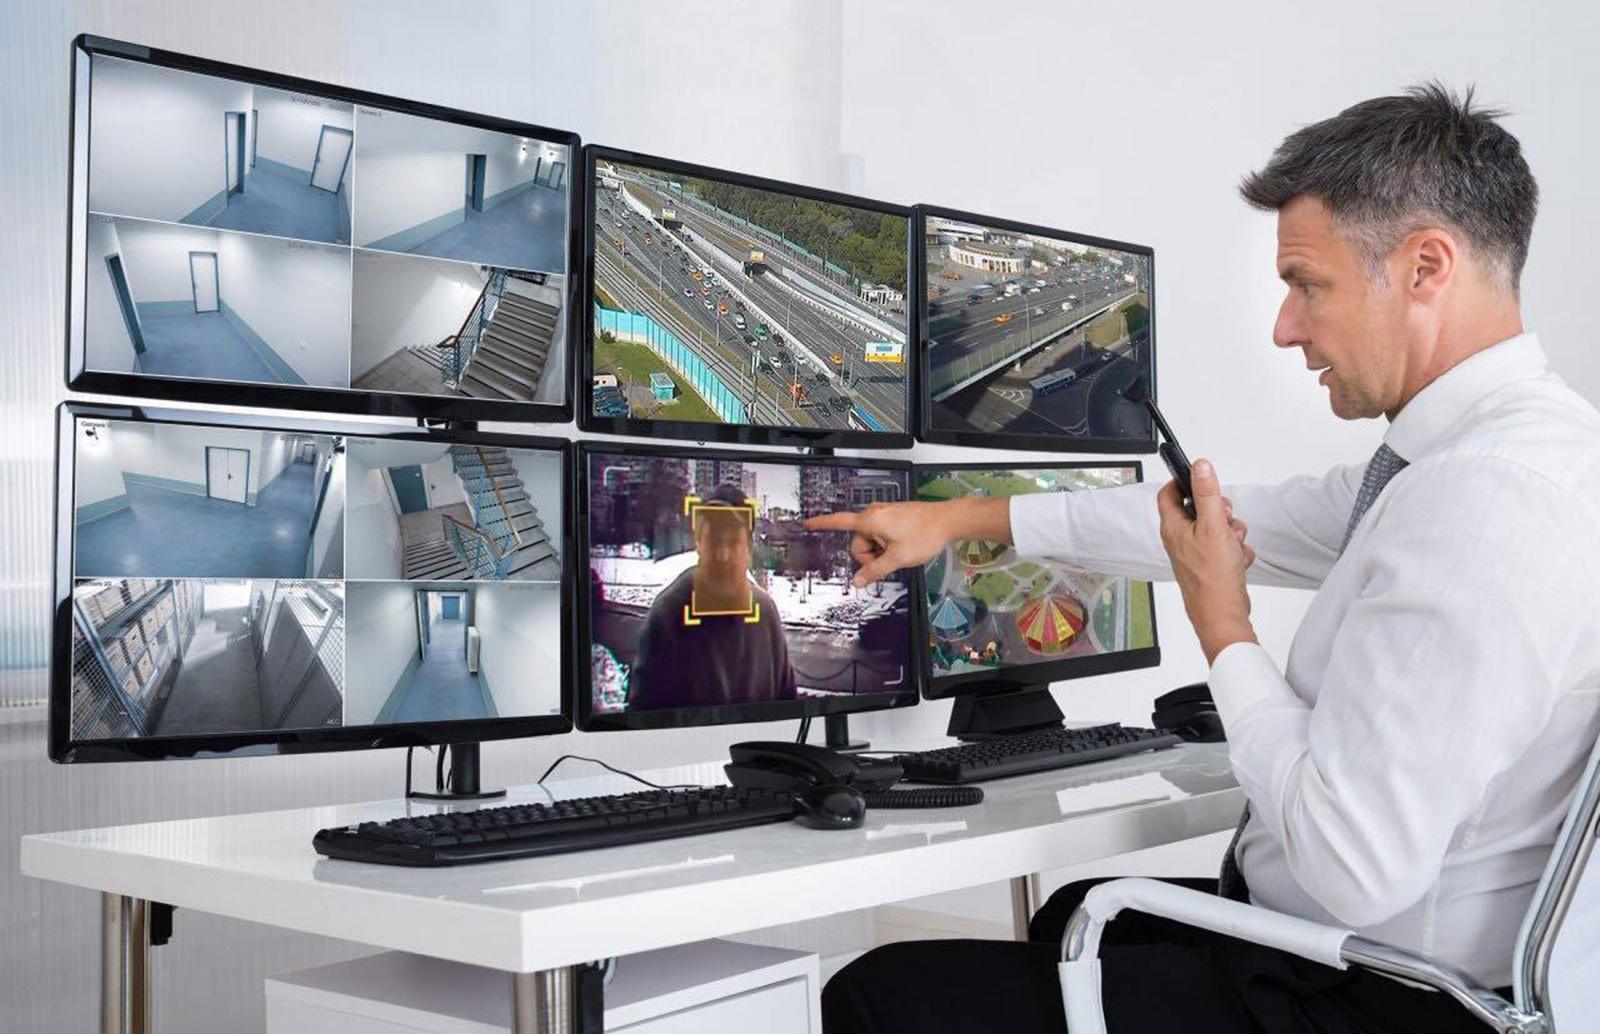 В Москве заработает система распознавания лиц через камеры видеонаблюдения - 1